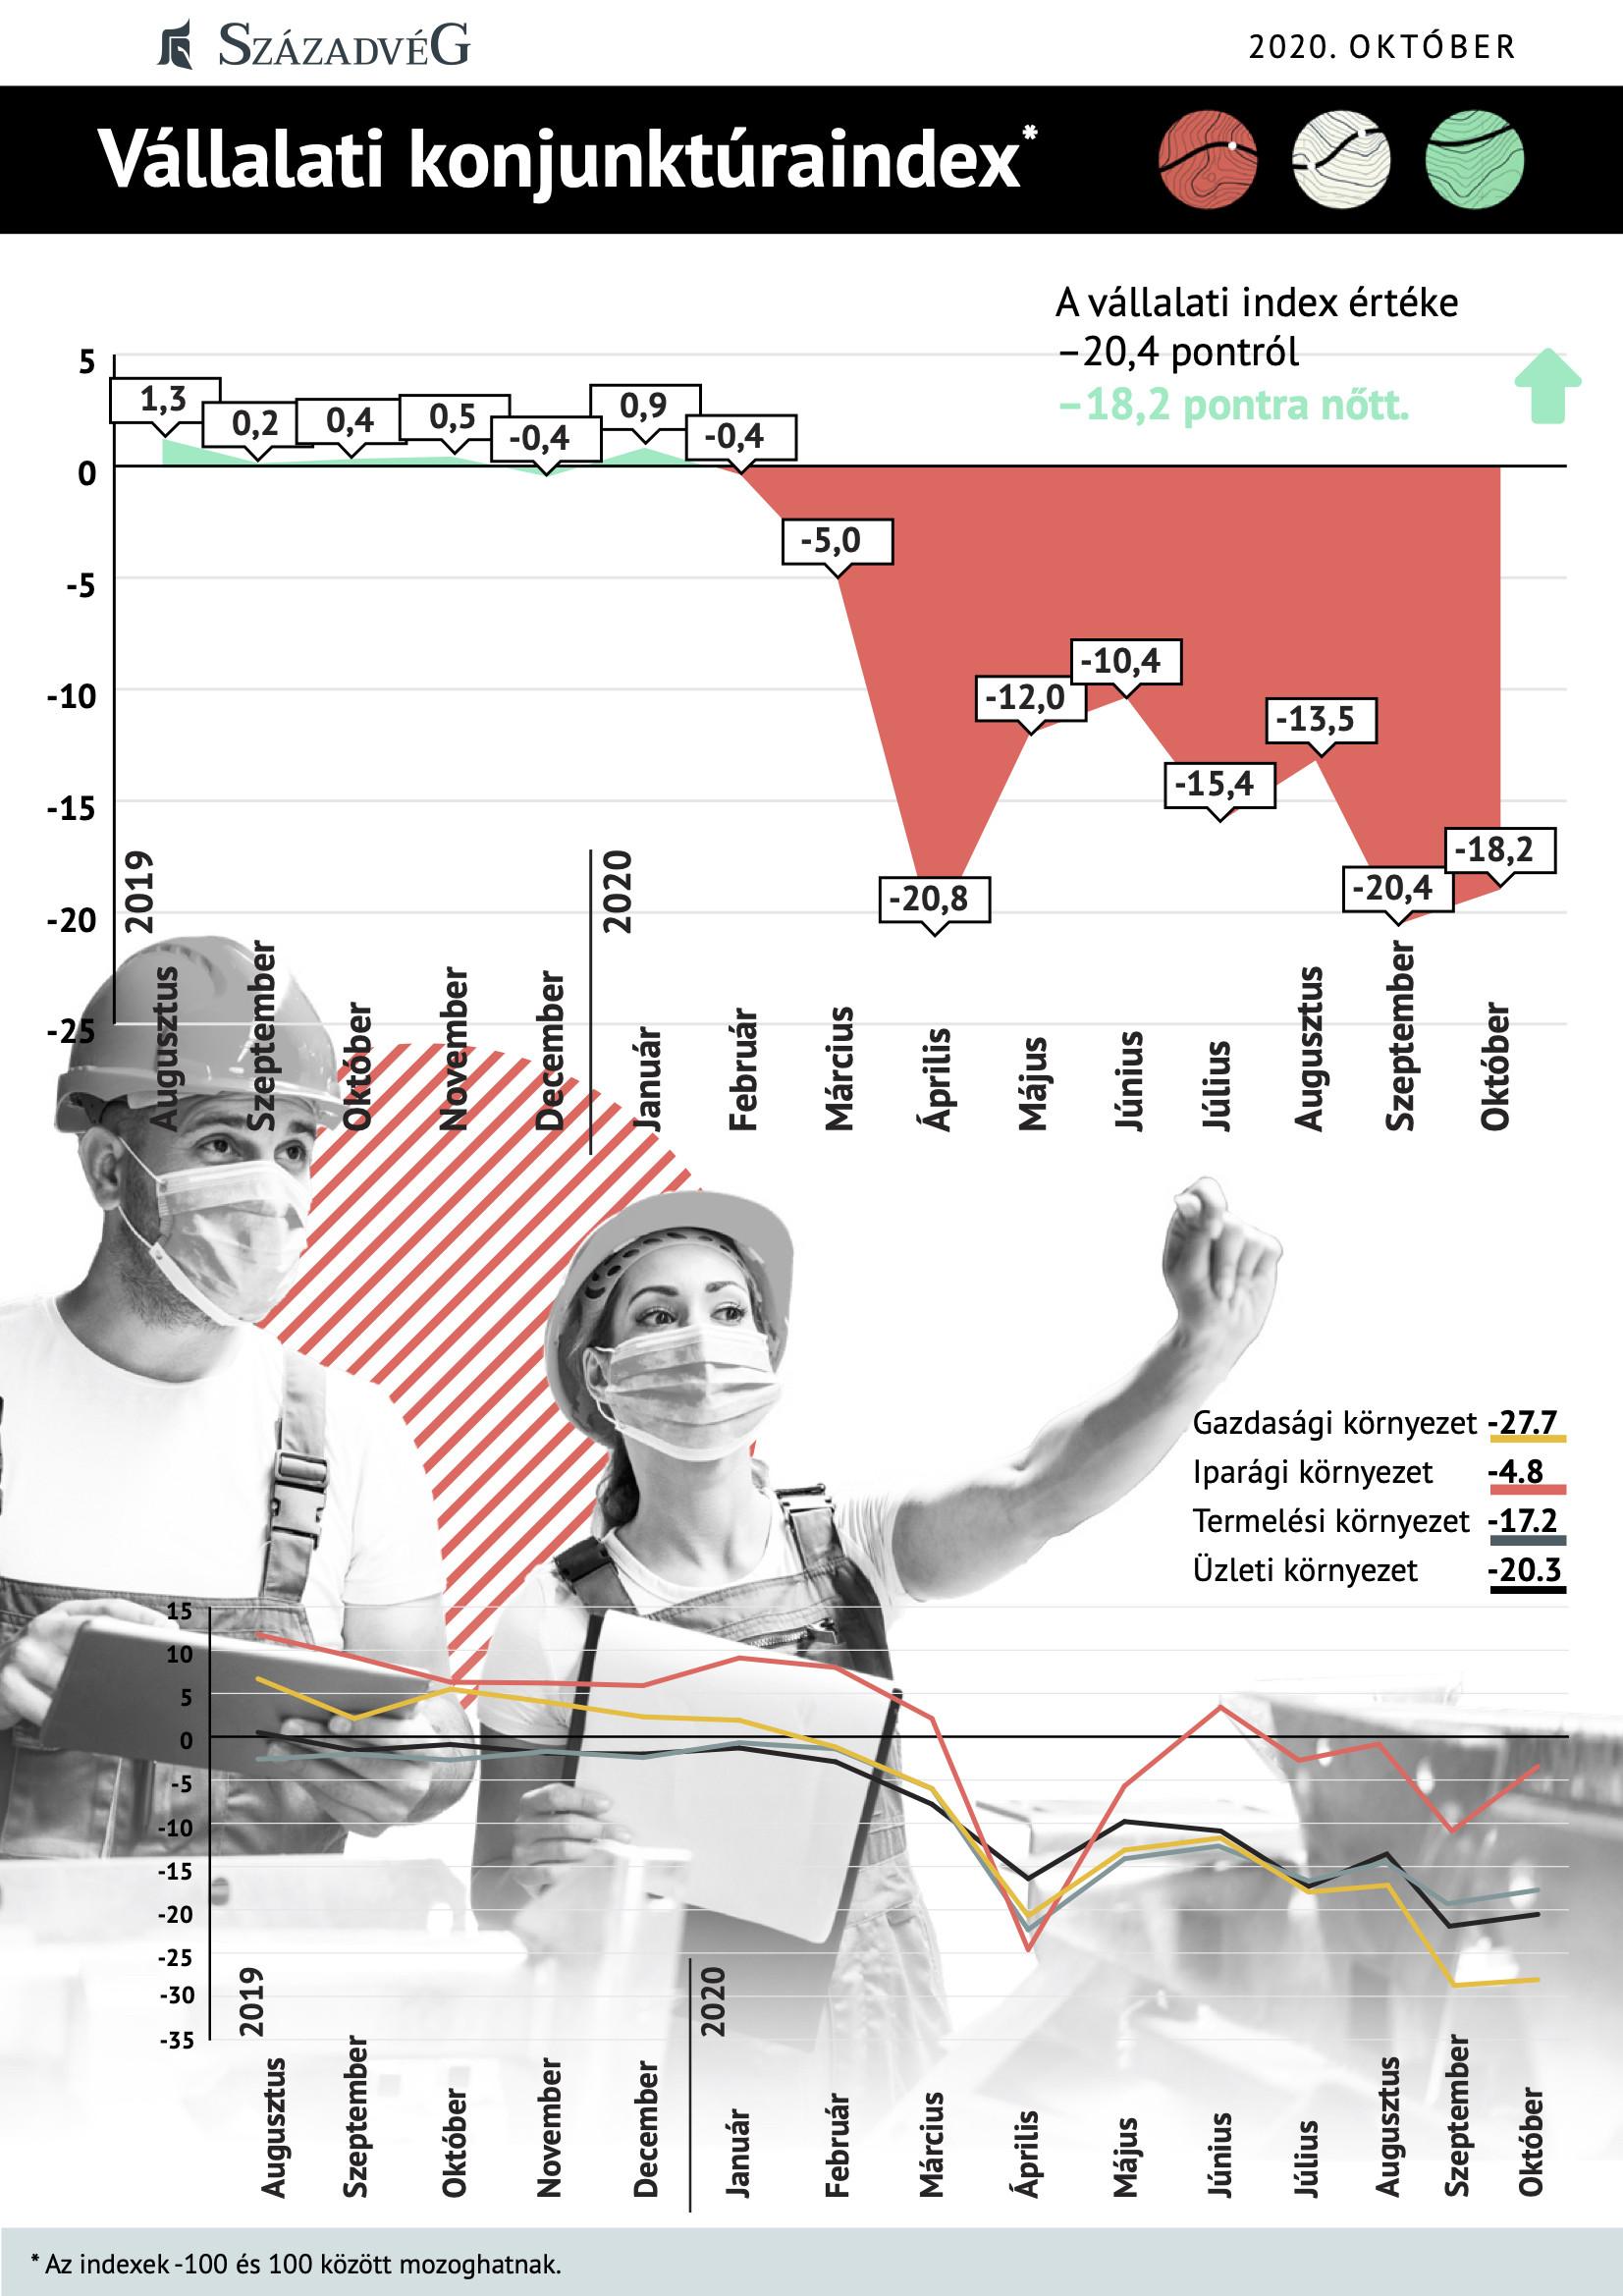 Így alakul a vállalati konjunktúraindex